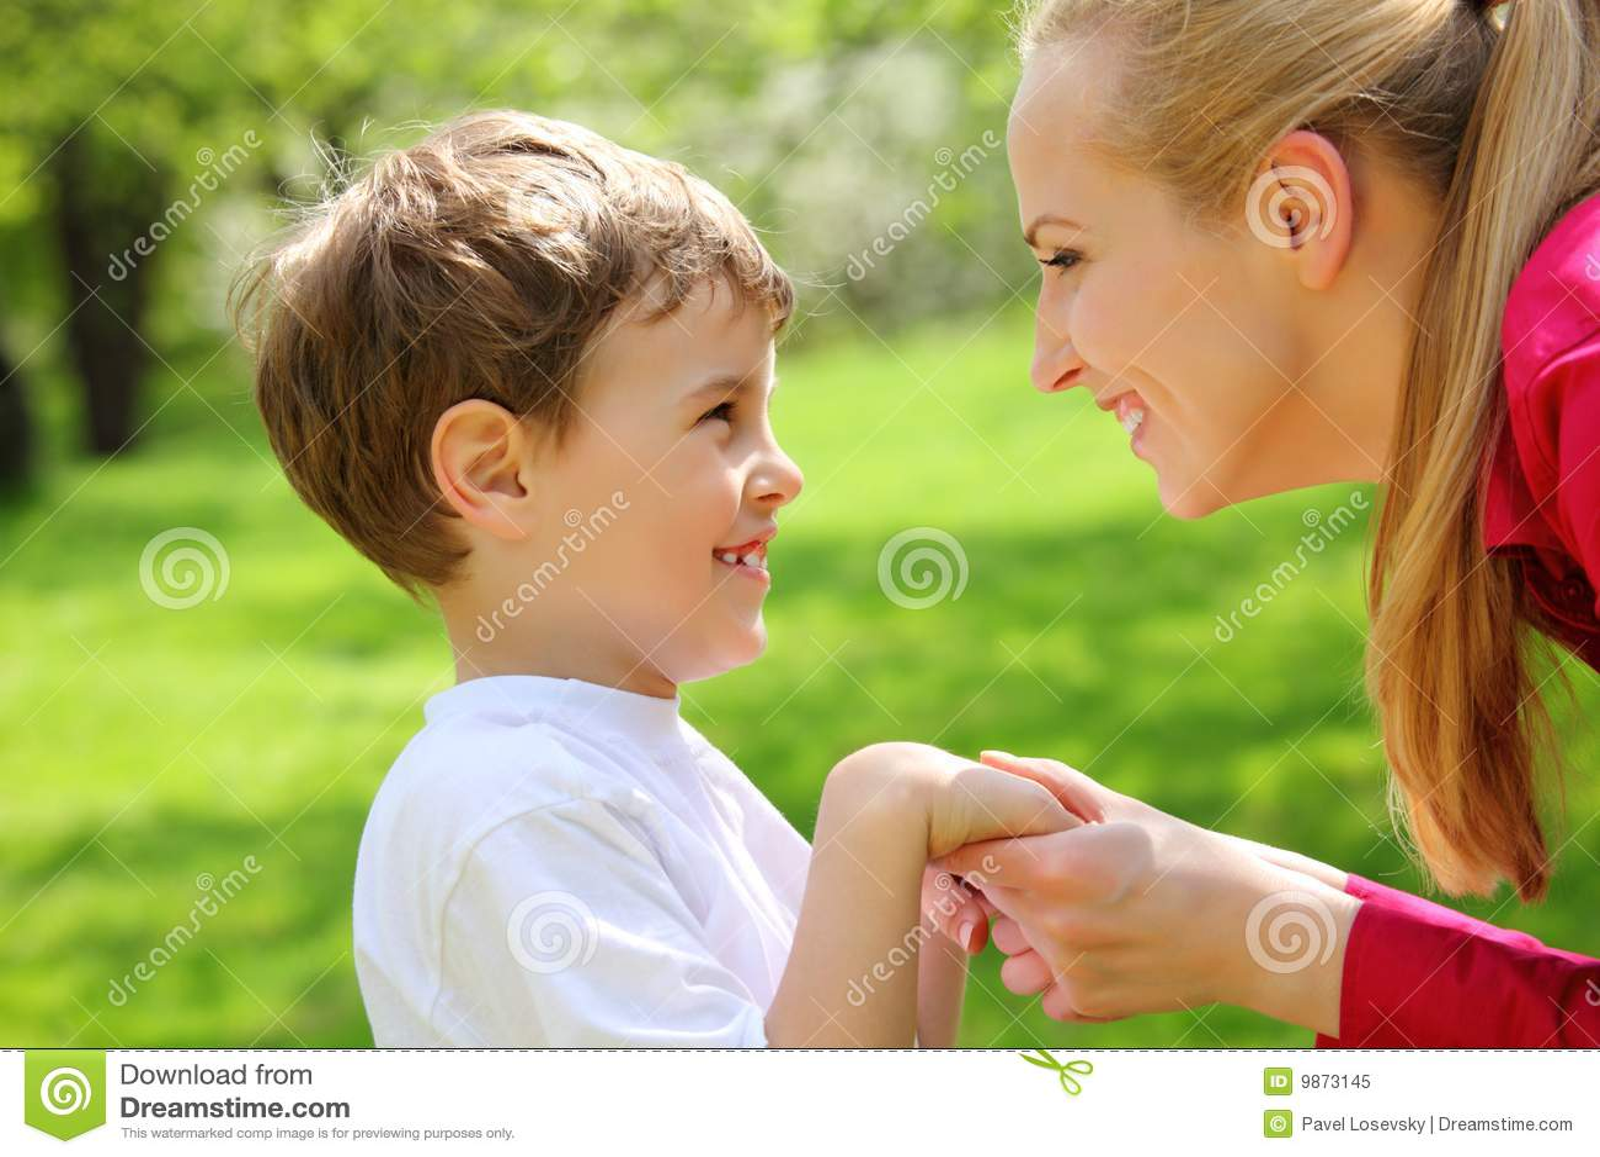 Фото мама и друг сын, Трахает мать друга (19 фото) 25 фотография